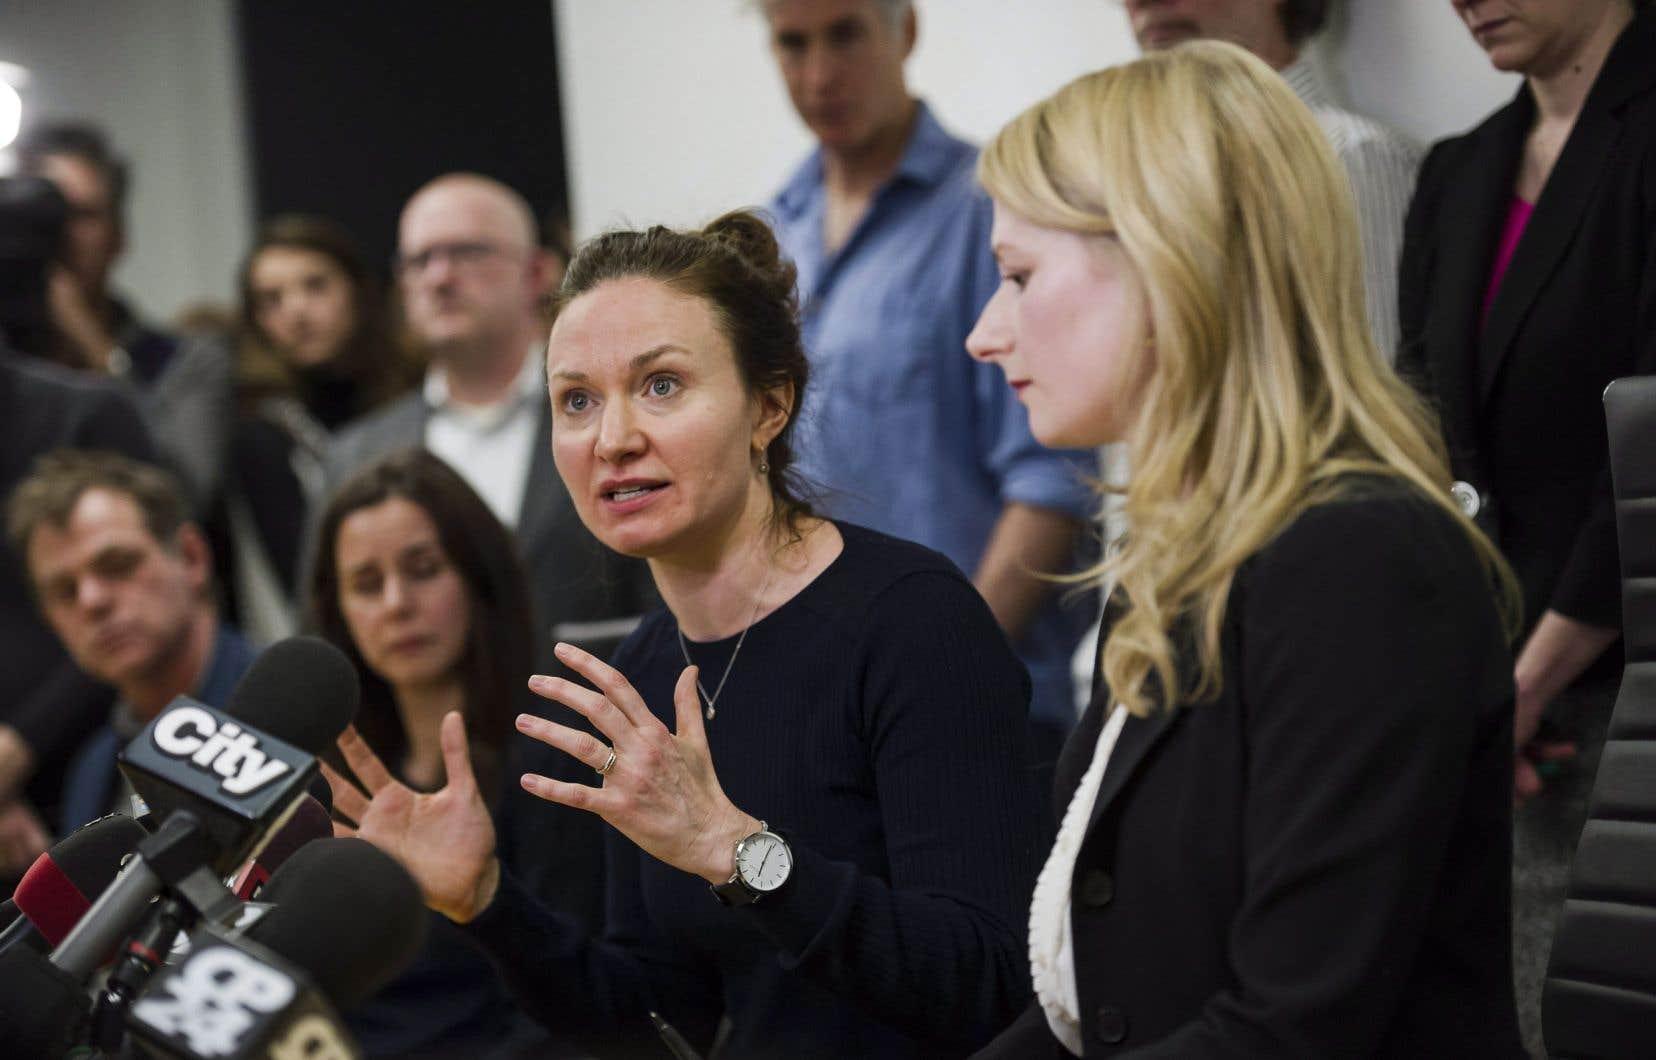 Patricia Fagan (à gauche) est l'une des femmes qui a accusé d'harcèlement sexuel le directeur artistique cofondateur de la compagnie de théâtre Soulpepper, Albert Schultz.